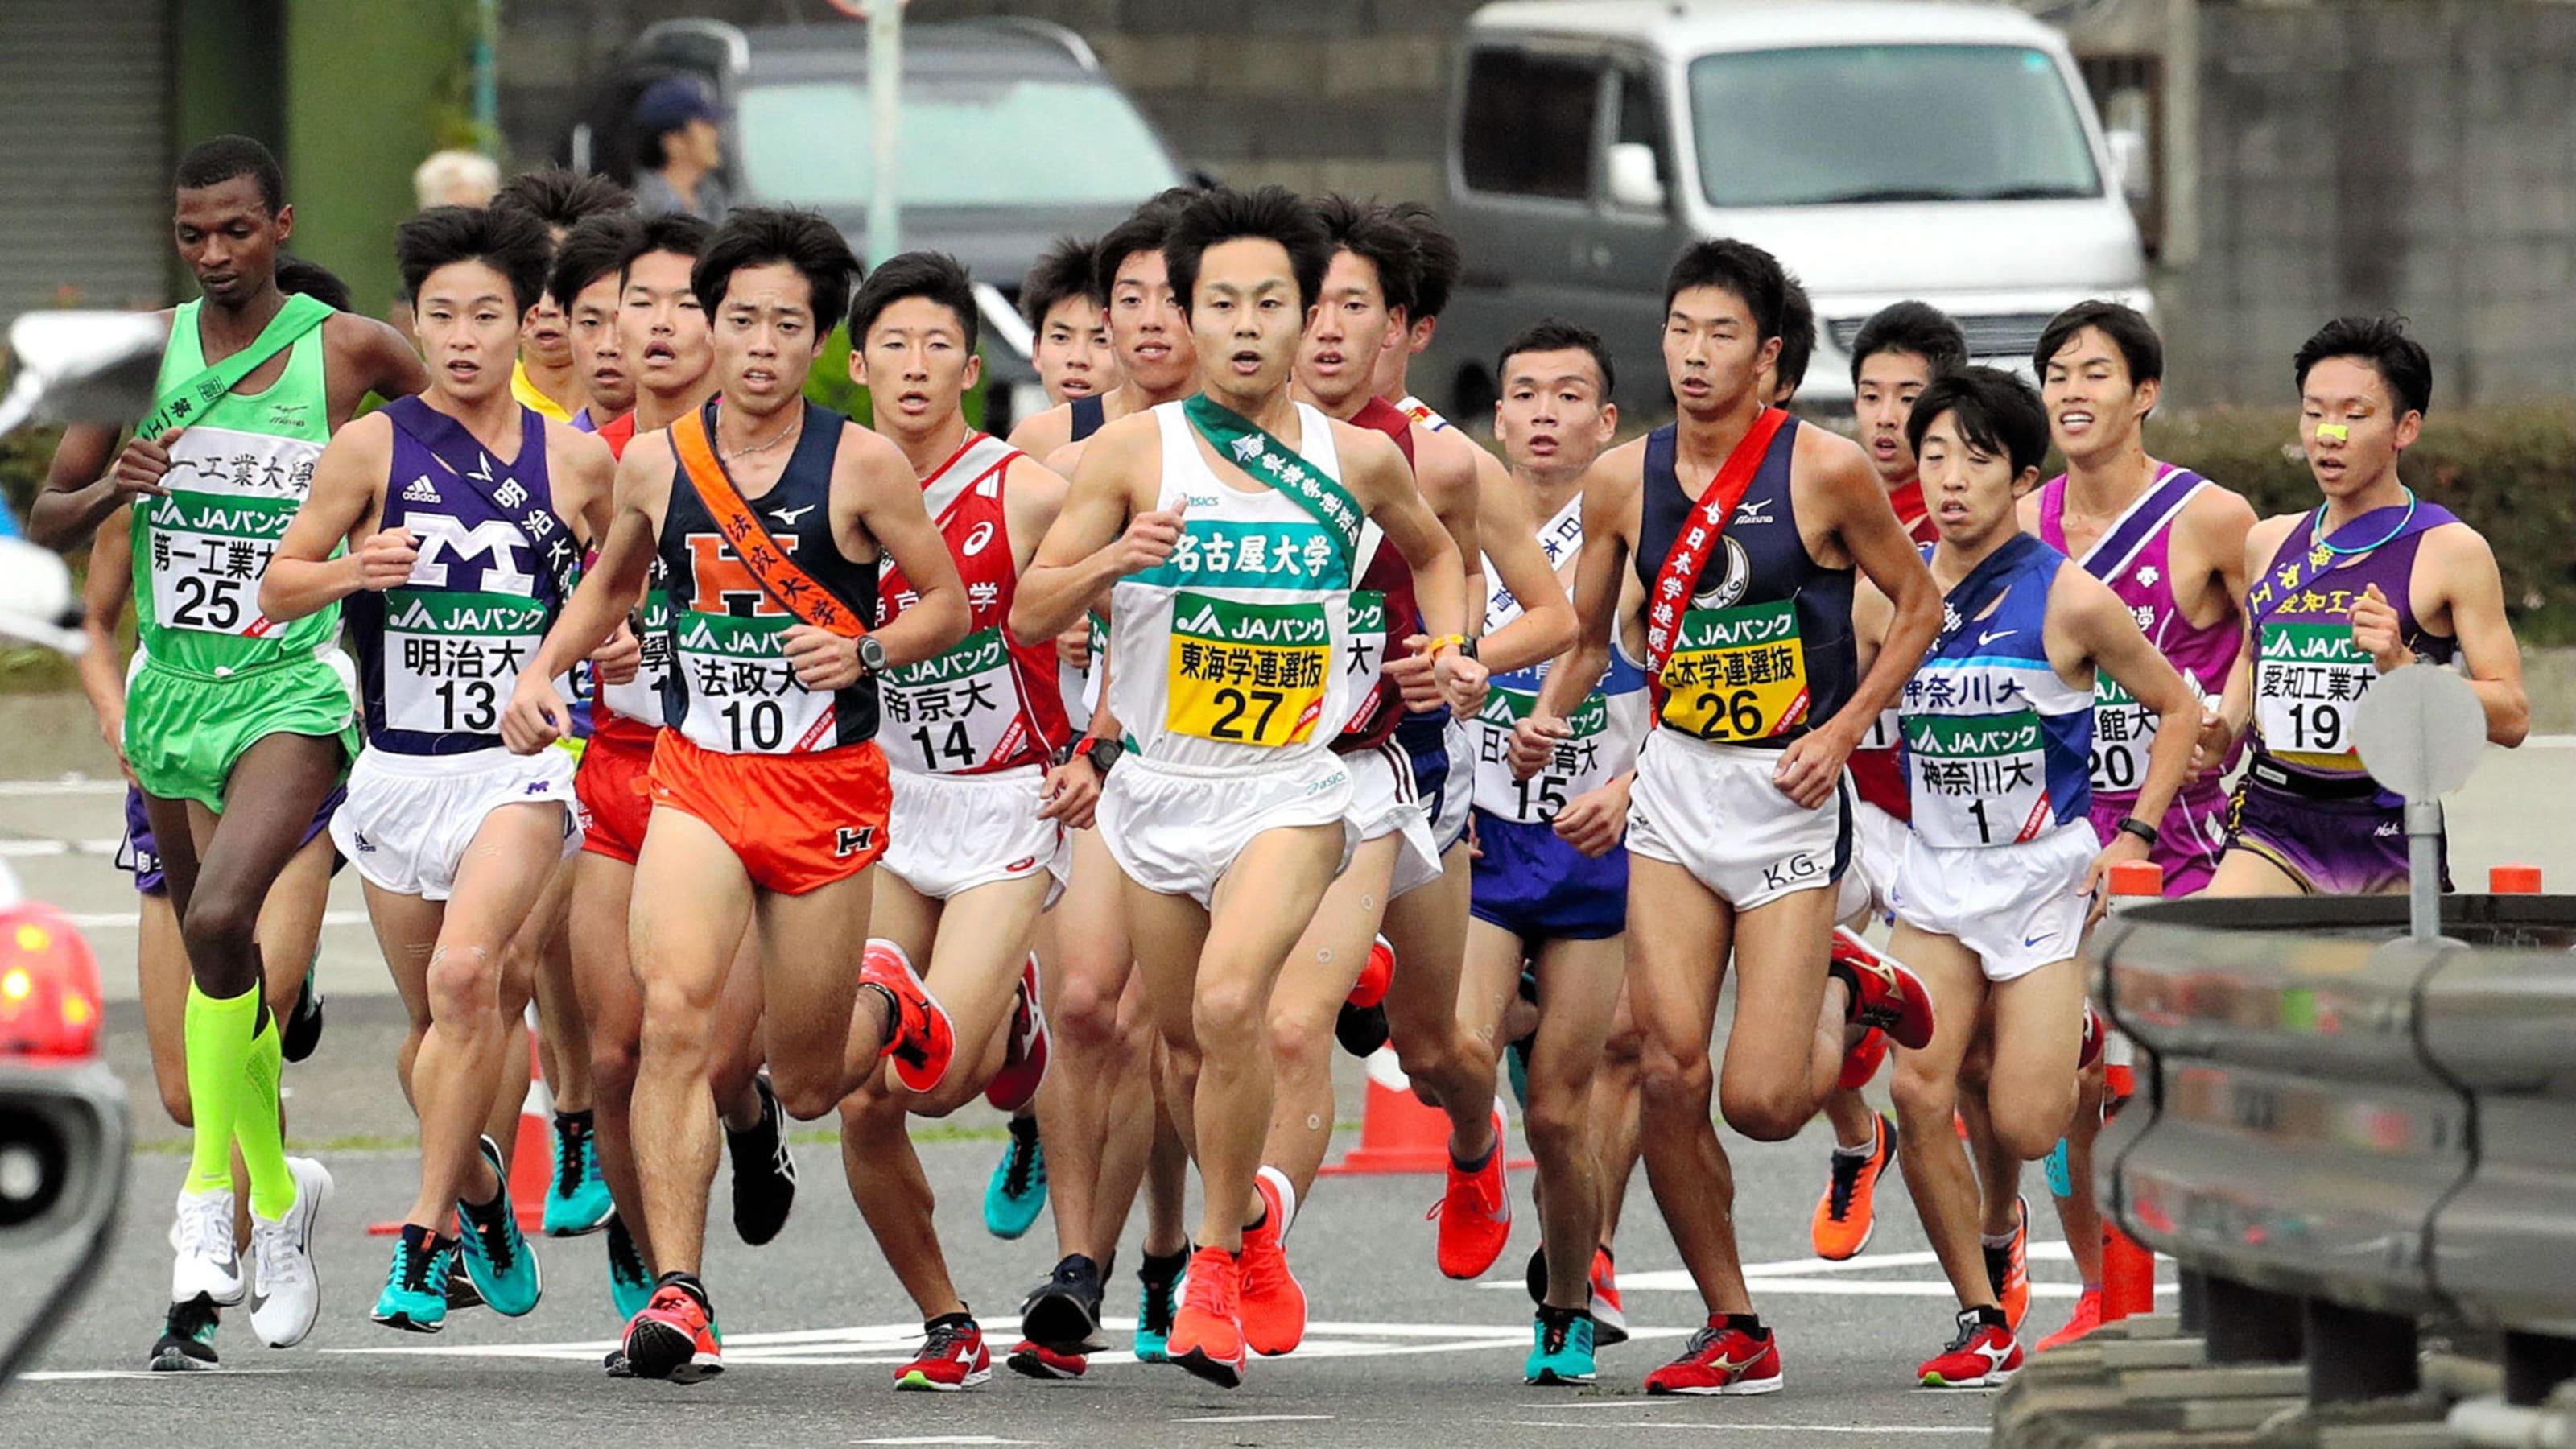 11月の伊勢路走る全日本大学駅伝、6月の関東地区予選が中止に